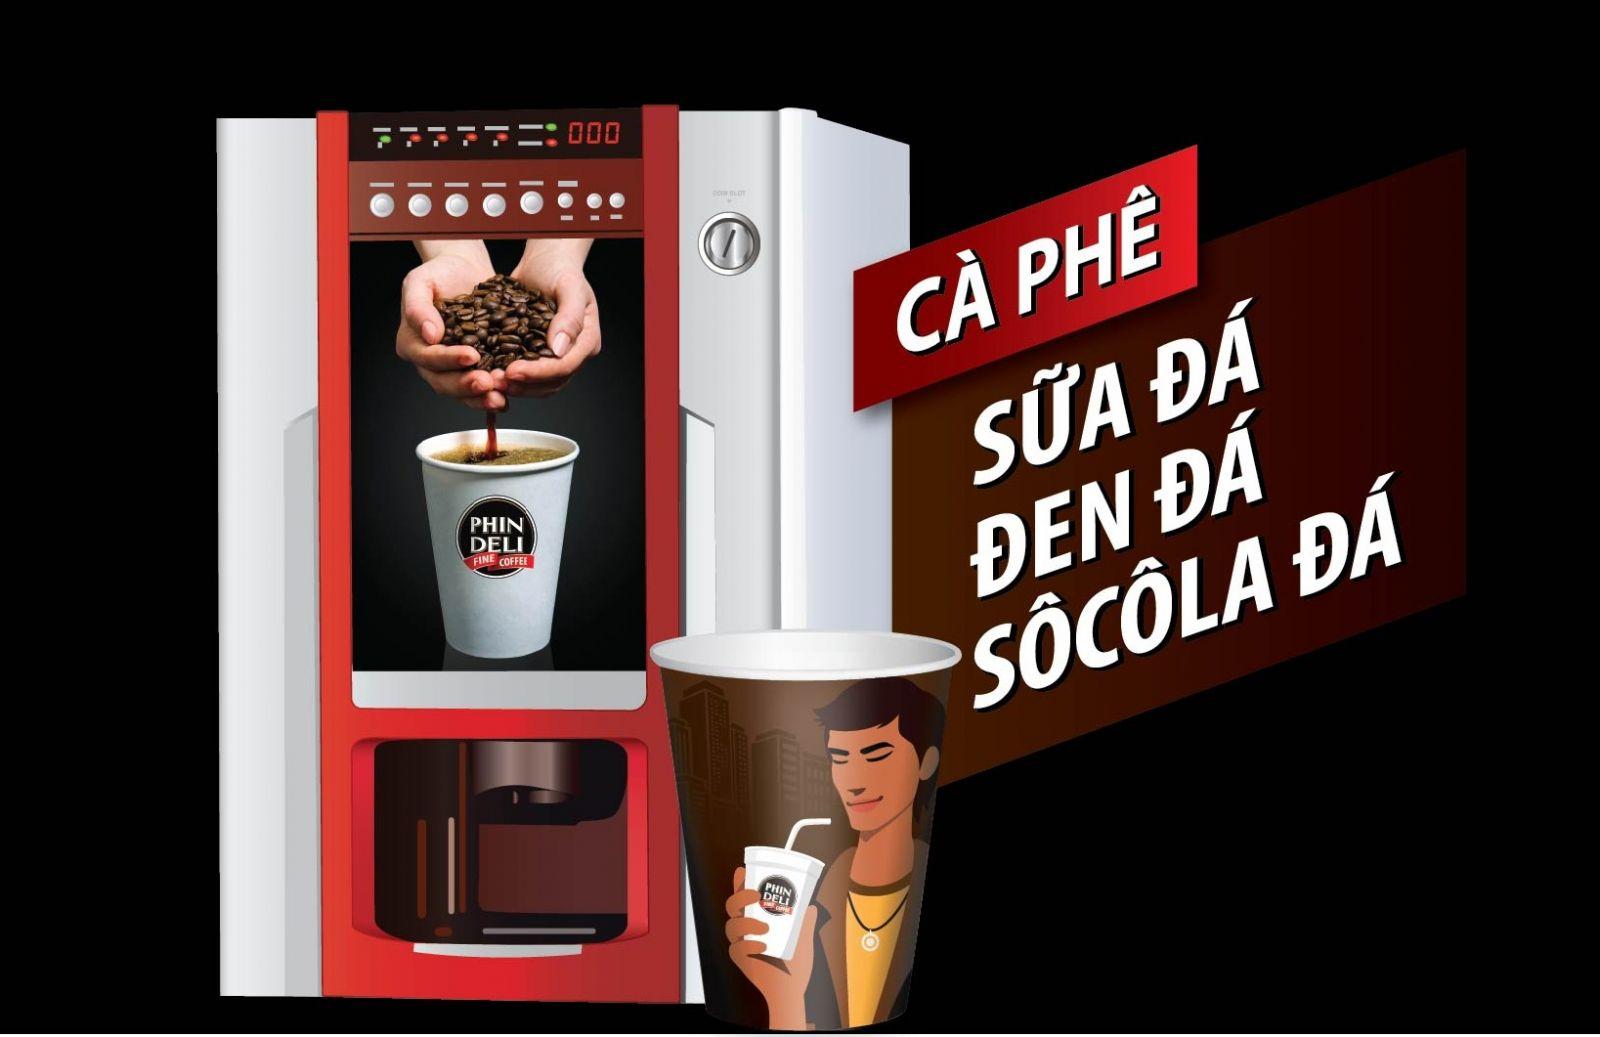 Máy pha cà phê PhinDeli